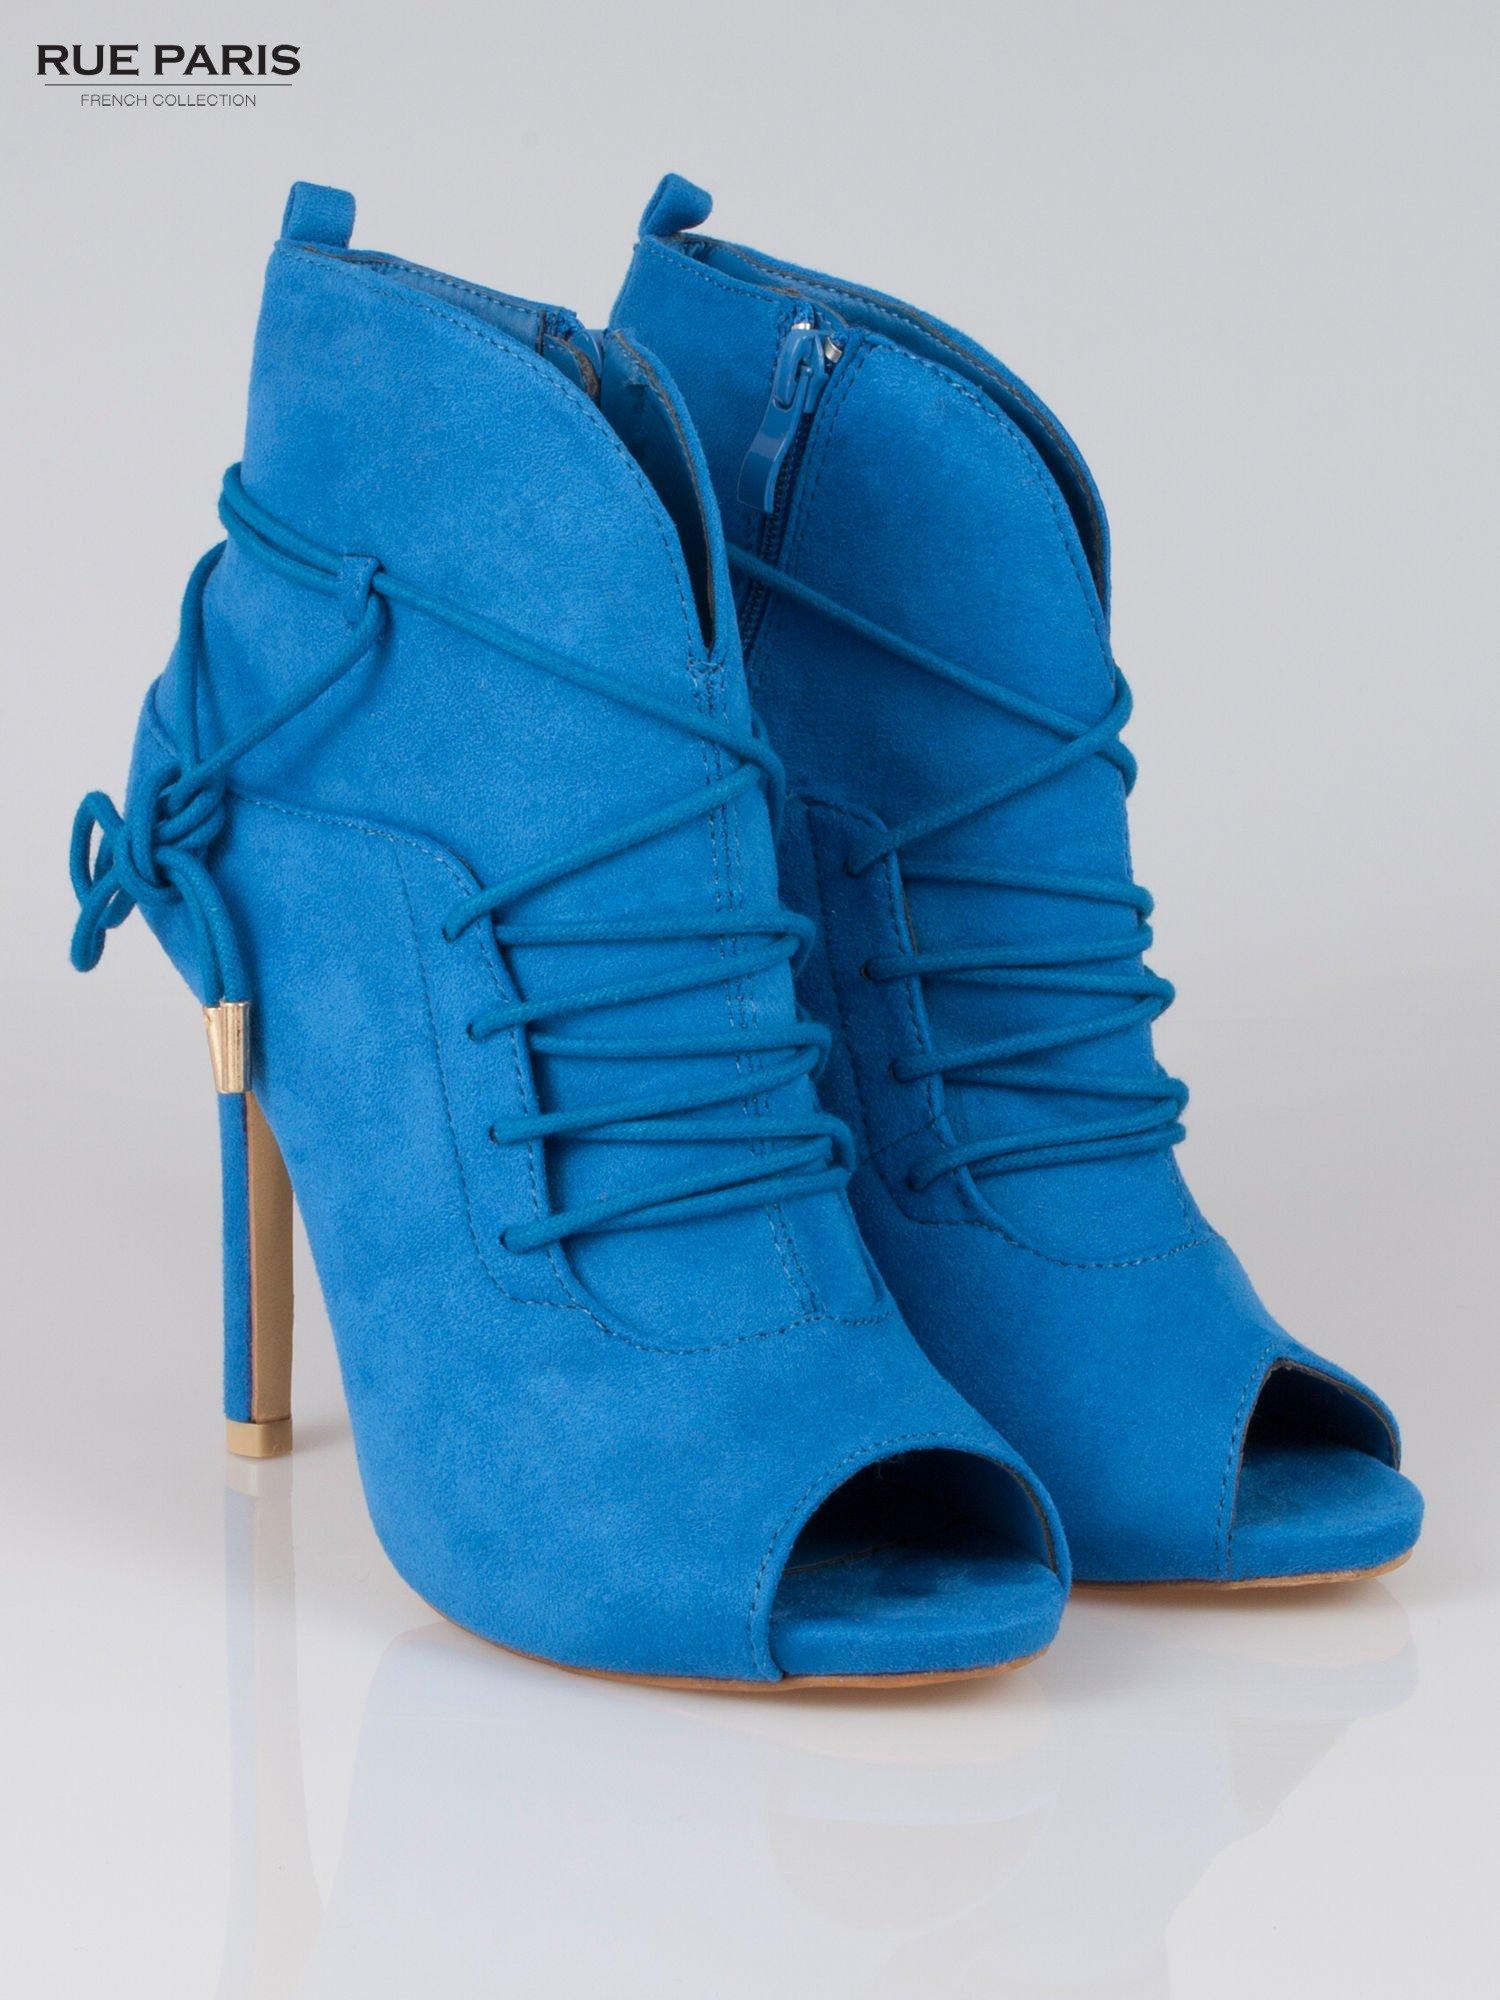 Kobaltowe wiązane botki faux suede Elsa lace up                                  zdj.                                  2